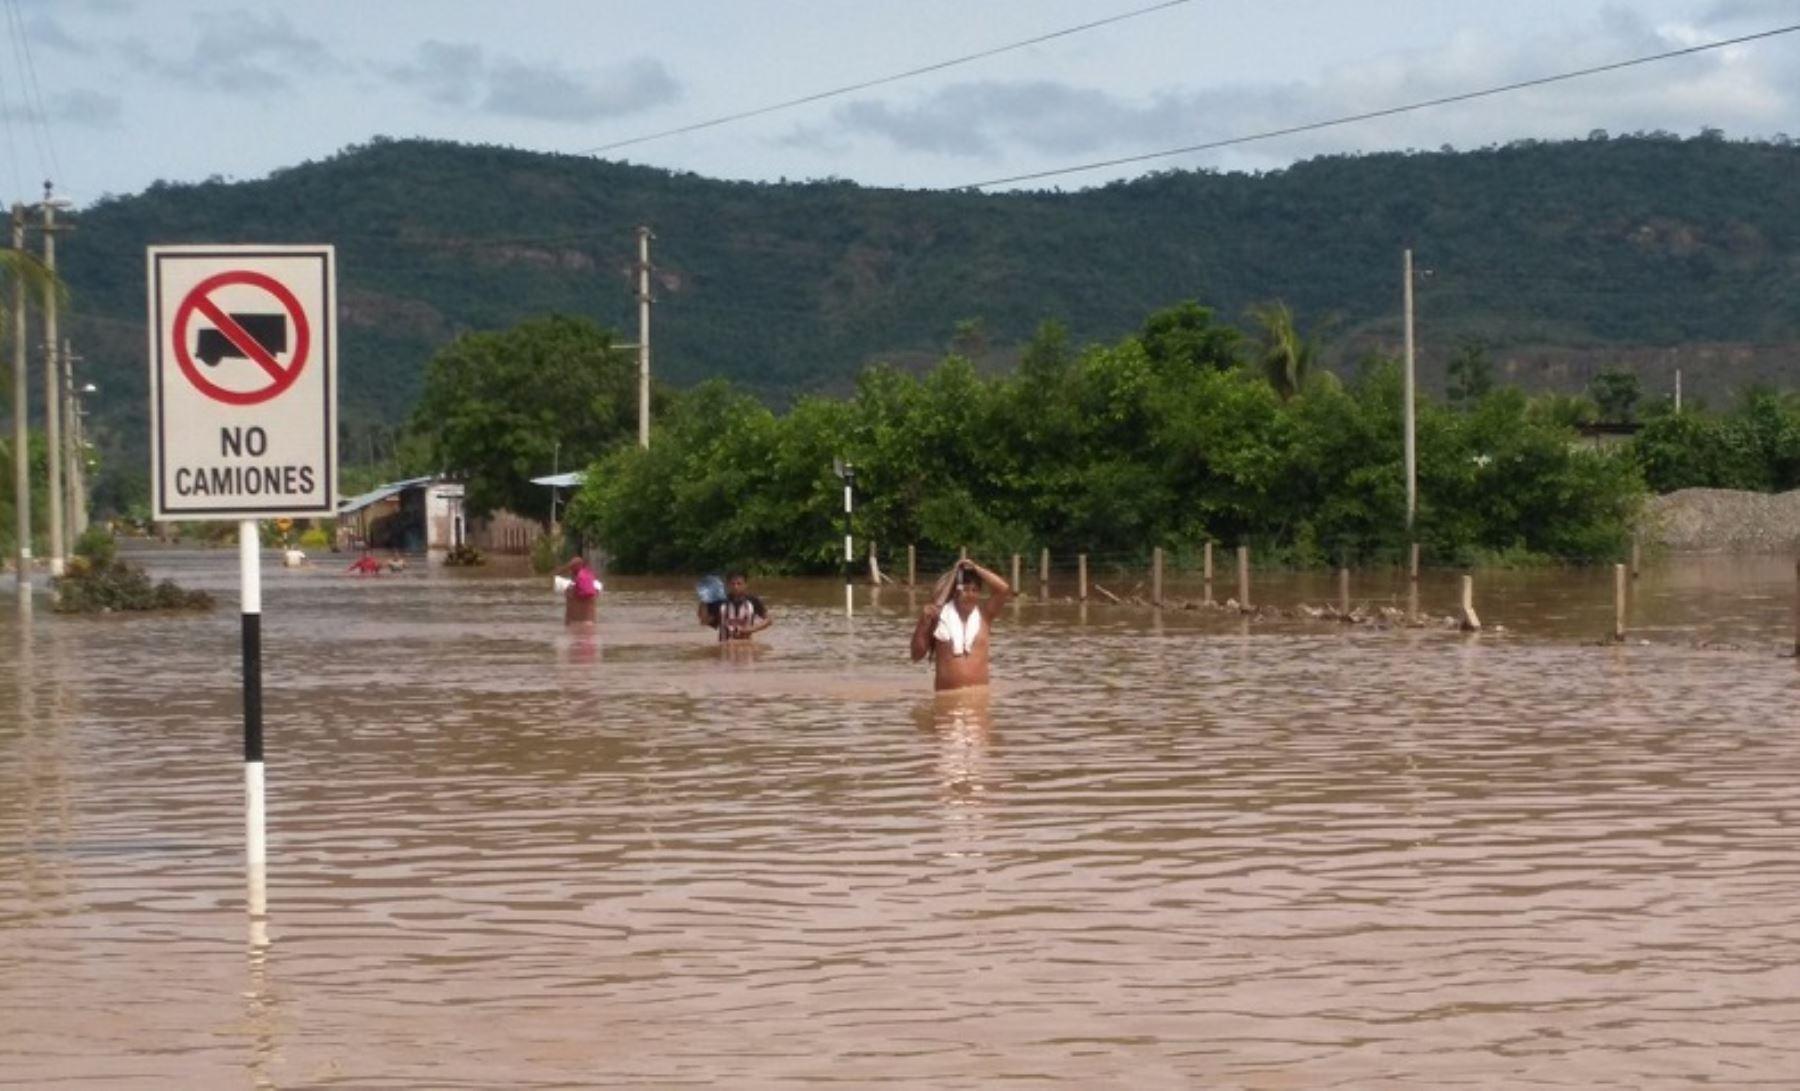 El Instituto Nacional de Defensa Civil (Indeci) confirmó que cinco personas perdieron la vida por inundaciones en la localidad El Paraíso, en el distrito de Tres Unidos, perteneciente a la provincia de Picota, región San Martín.